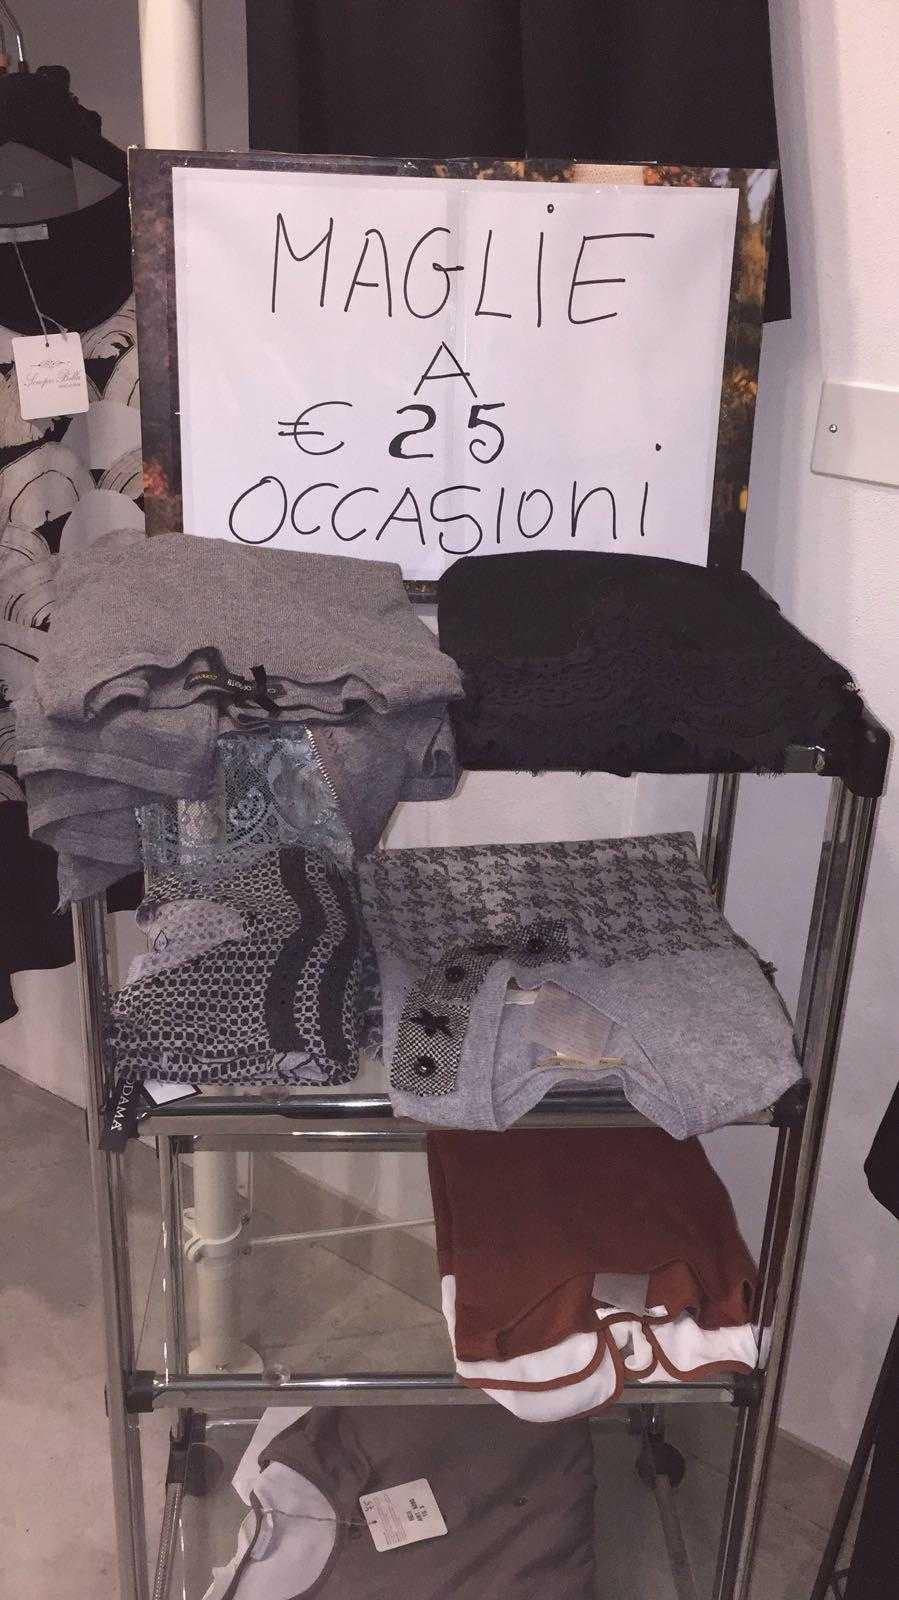 0bebe3a67b0f Foto 67787 Paola Moda abbigliamento donna Lugo. 2 (1)